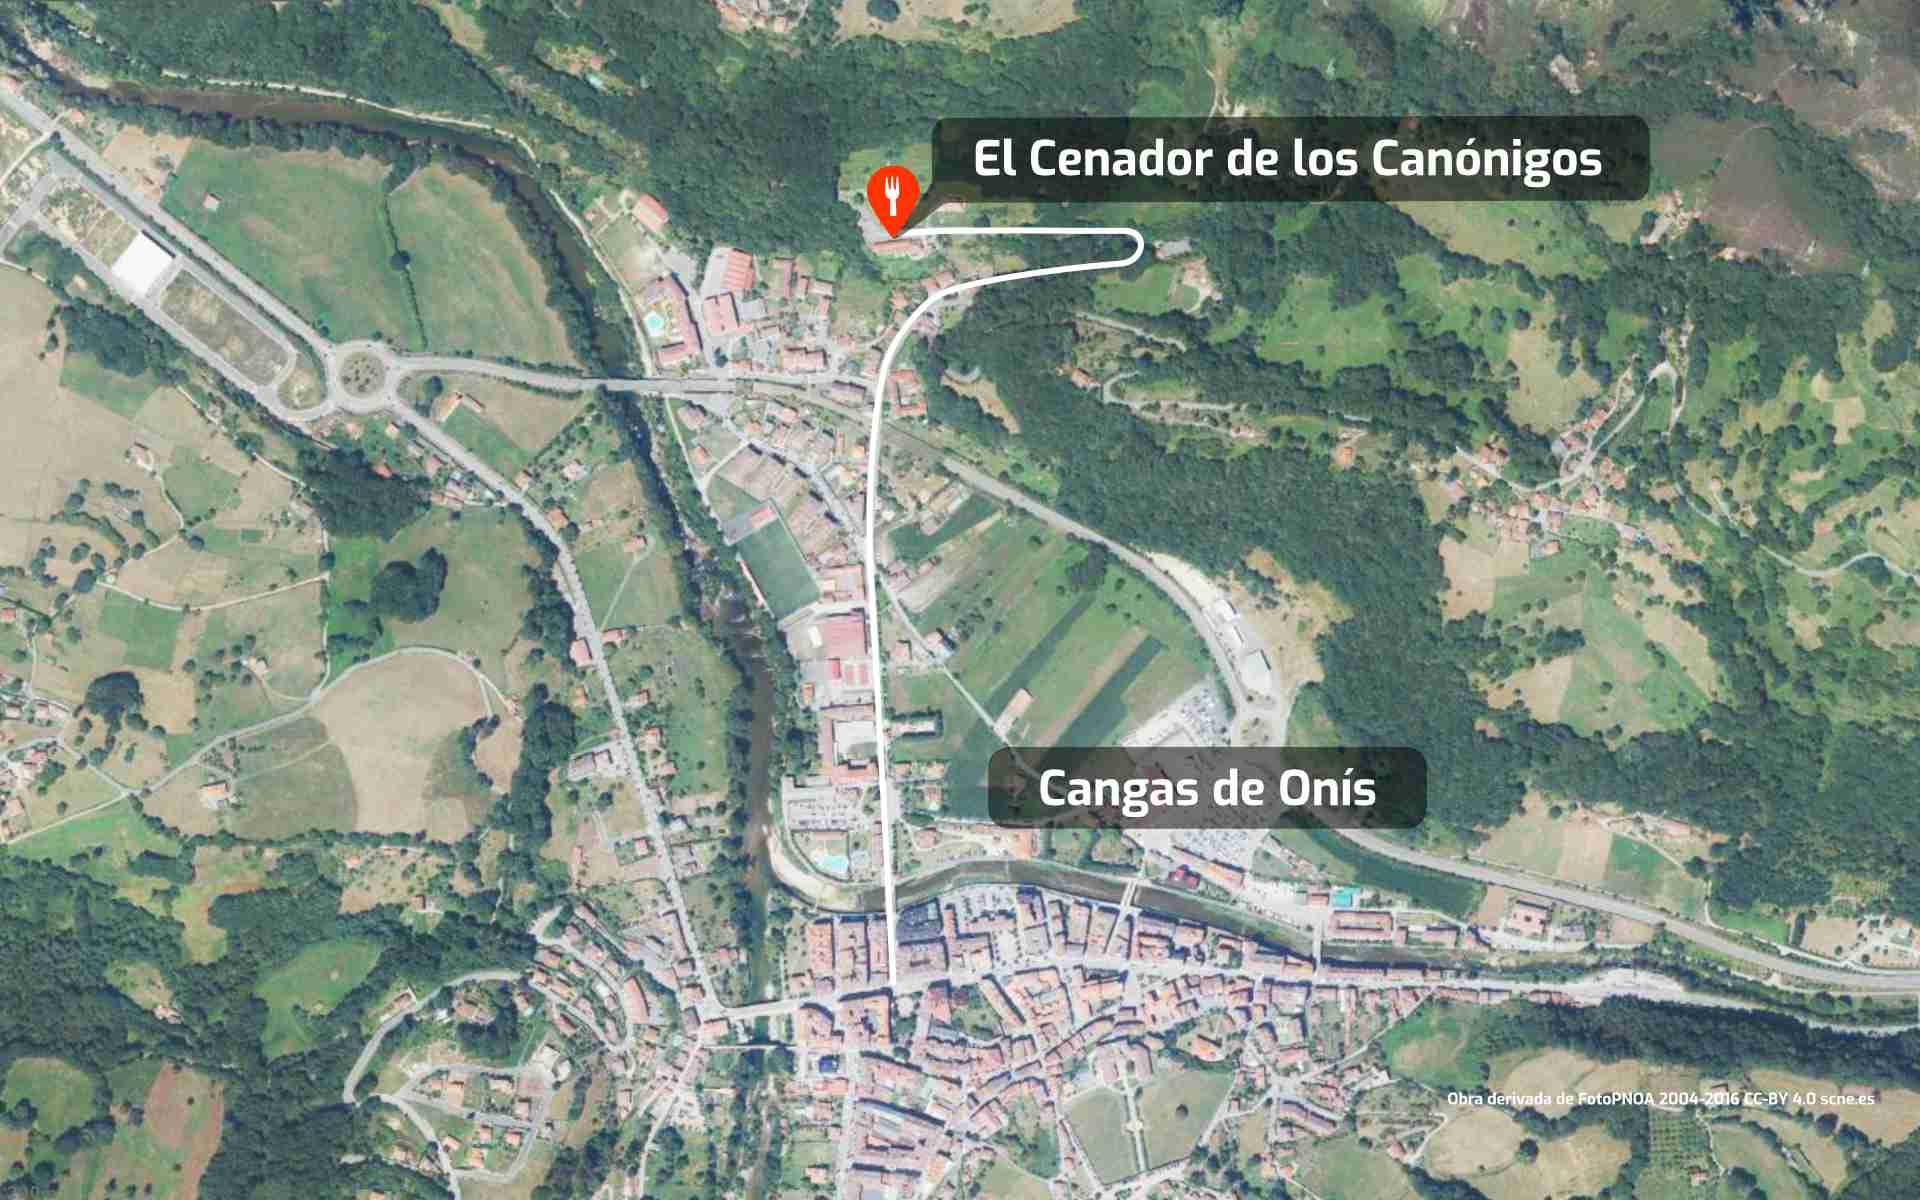 Mapa de cómo llegar al restaurante El Cenador de los Canónigos en Cangas de Onís, Asturias